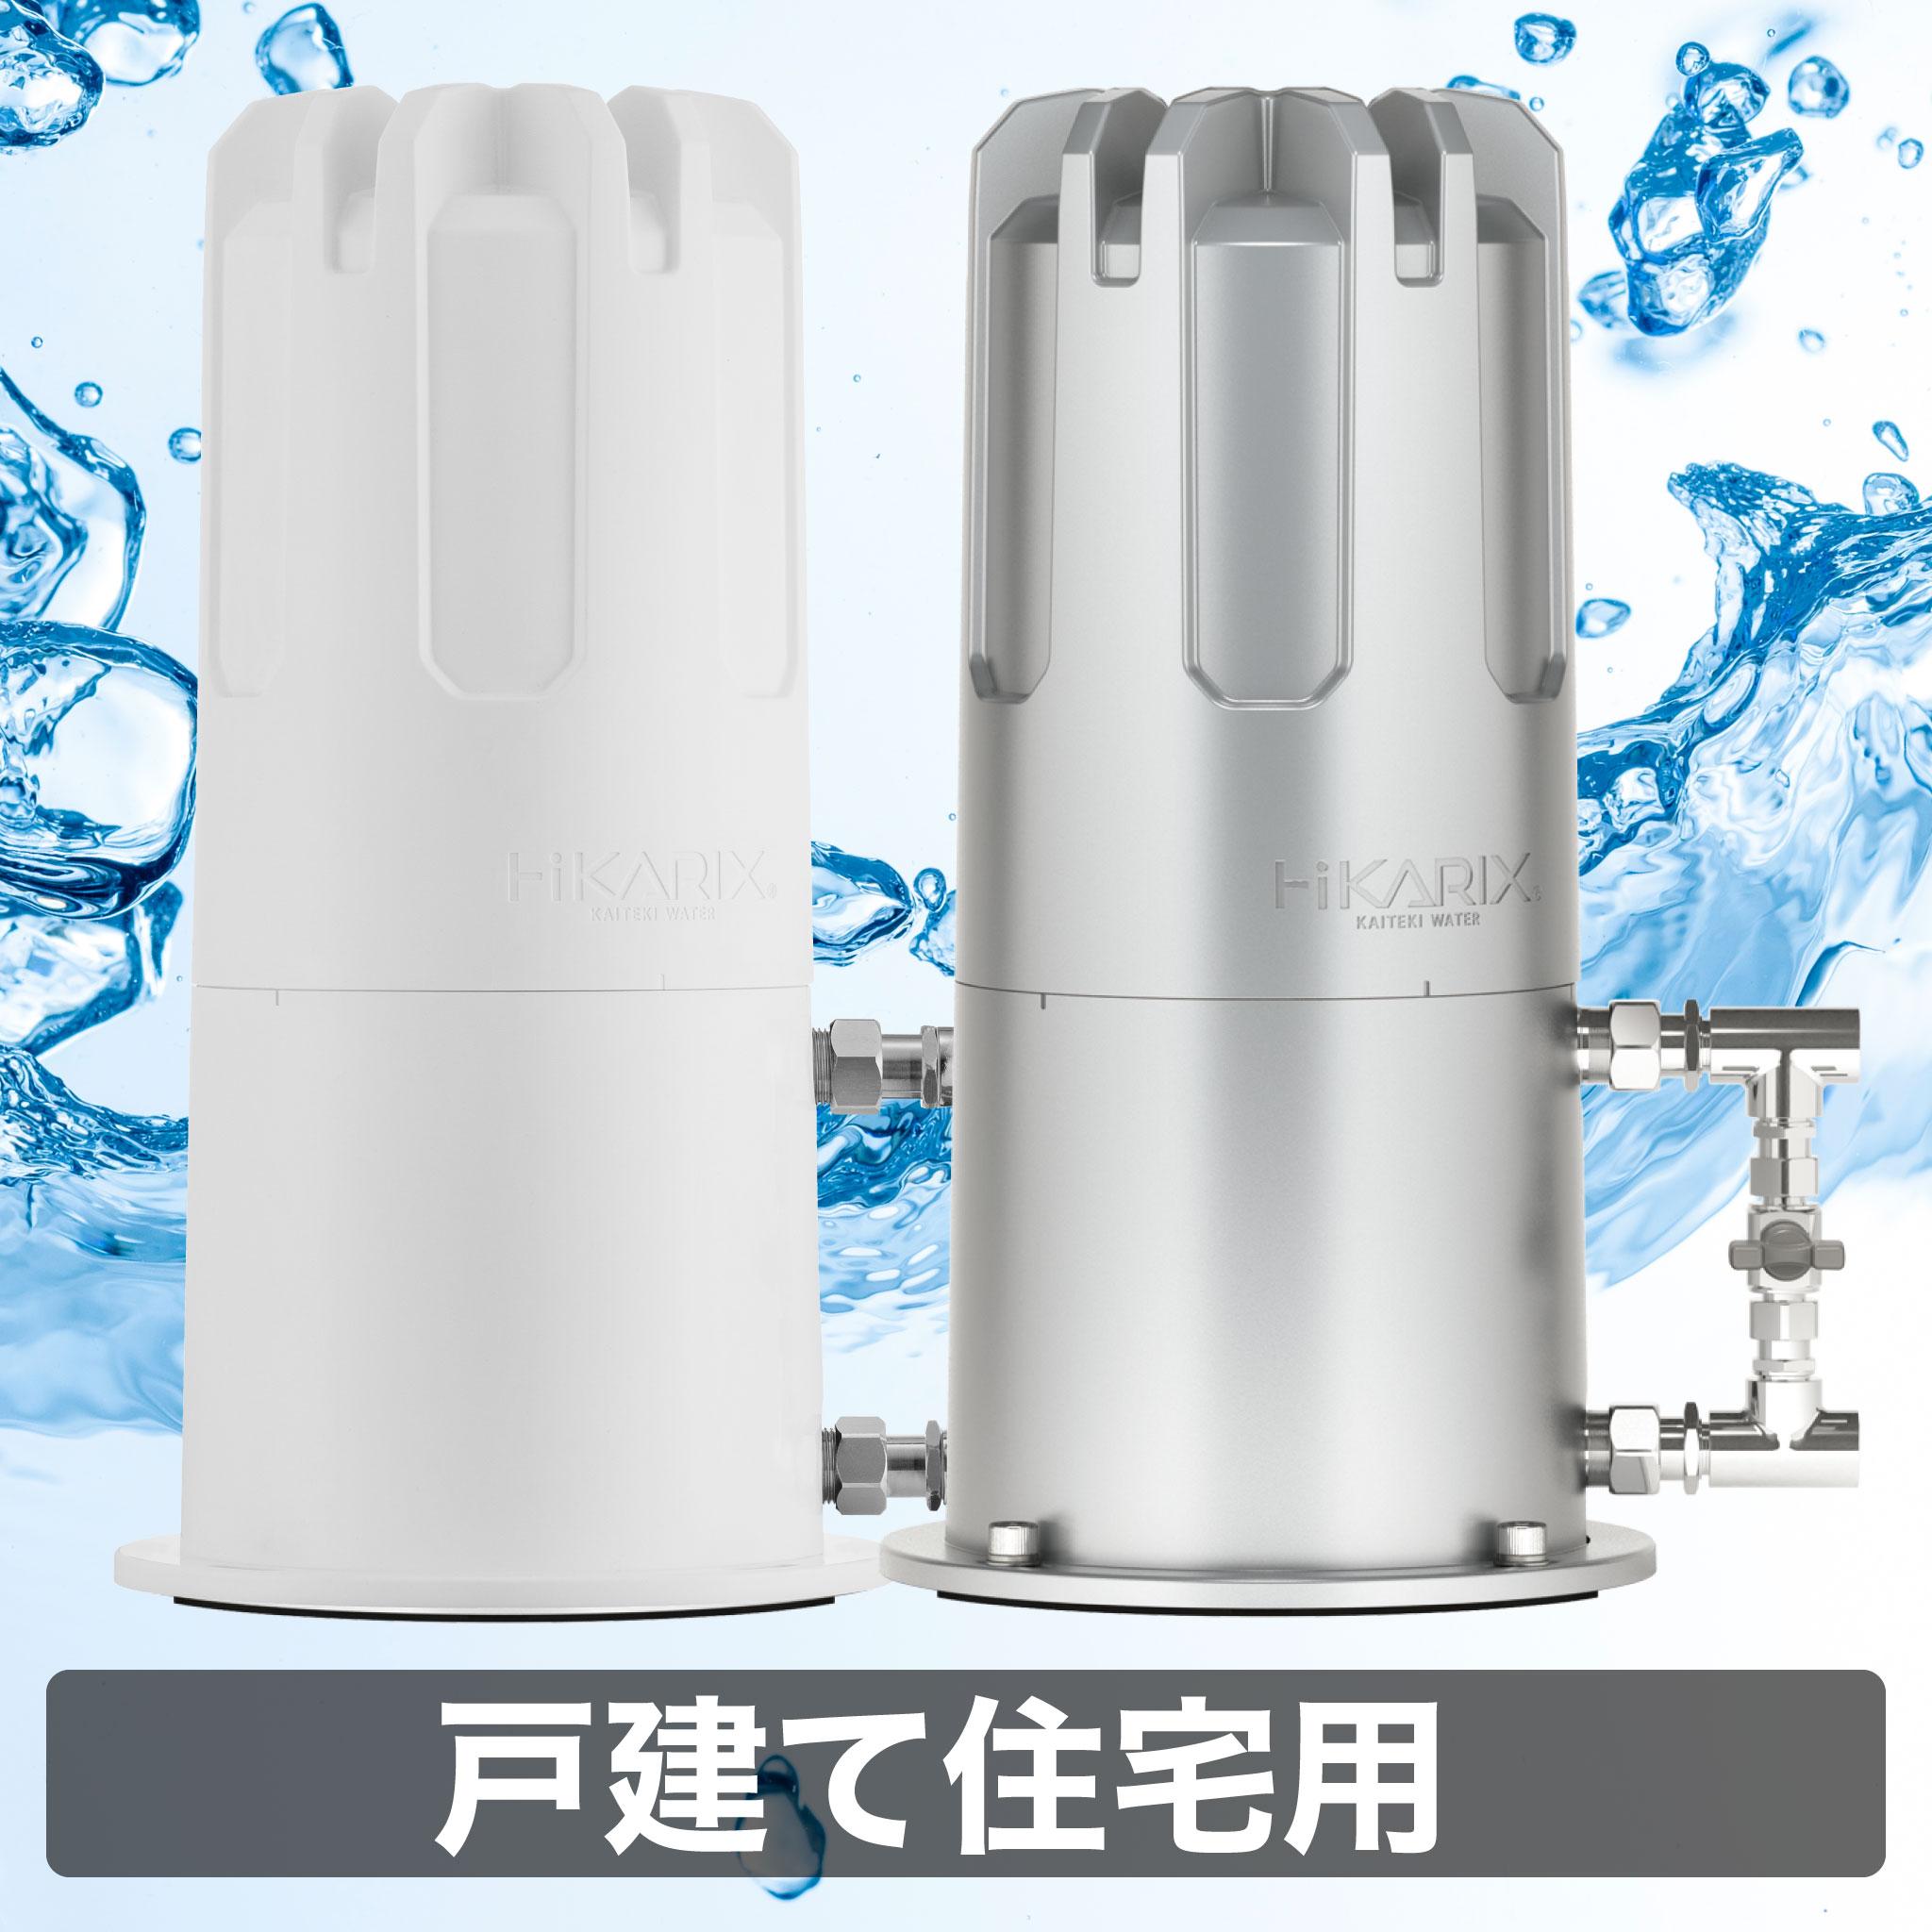 ヒカリックス SH-3000 - Máy lọc nước Hikarix SH-3000